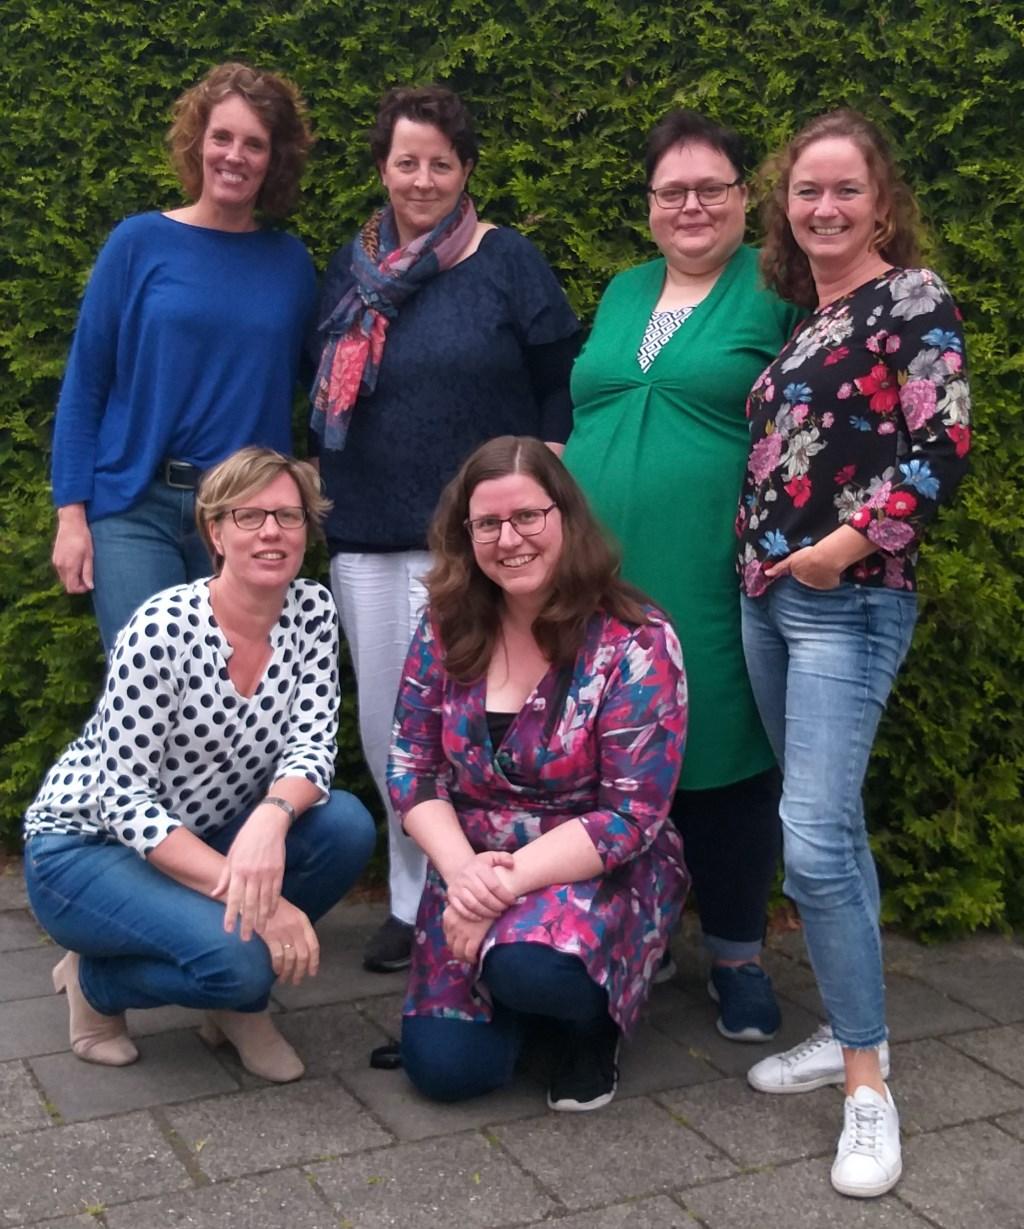 v.l.n.r. Miranda Hanskamp, Alice Venneker, Liesbeth van Balen, Annelies van Os, Simone Noppers en Ingrid Eekel